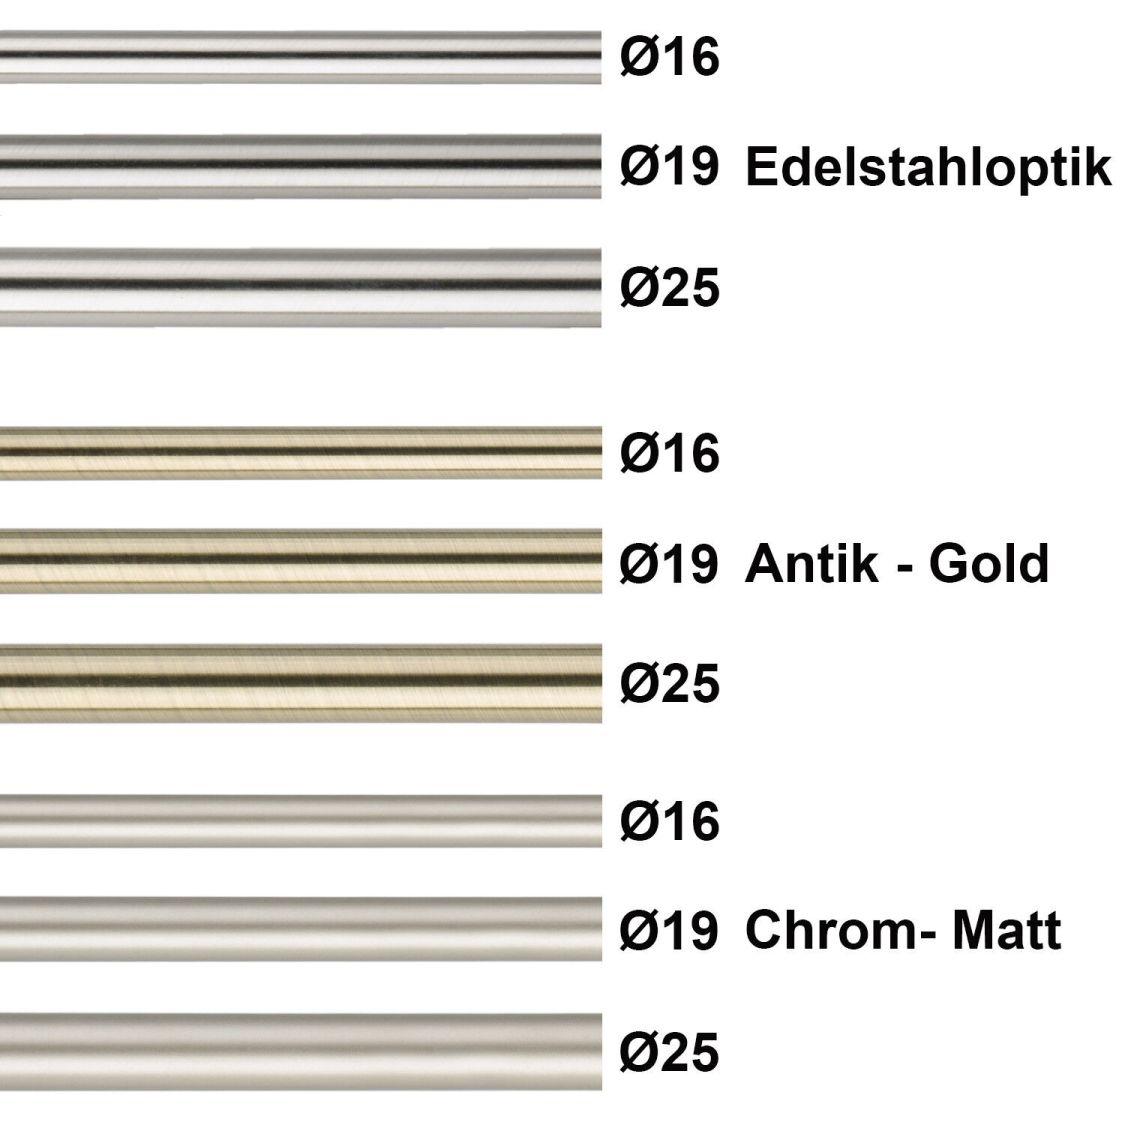 Rohr für Gardinenstange  in Edelstahloptik, Antik, Chrom-matt 16, 19, 25 mm